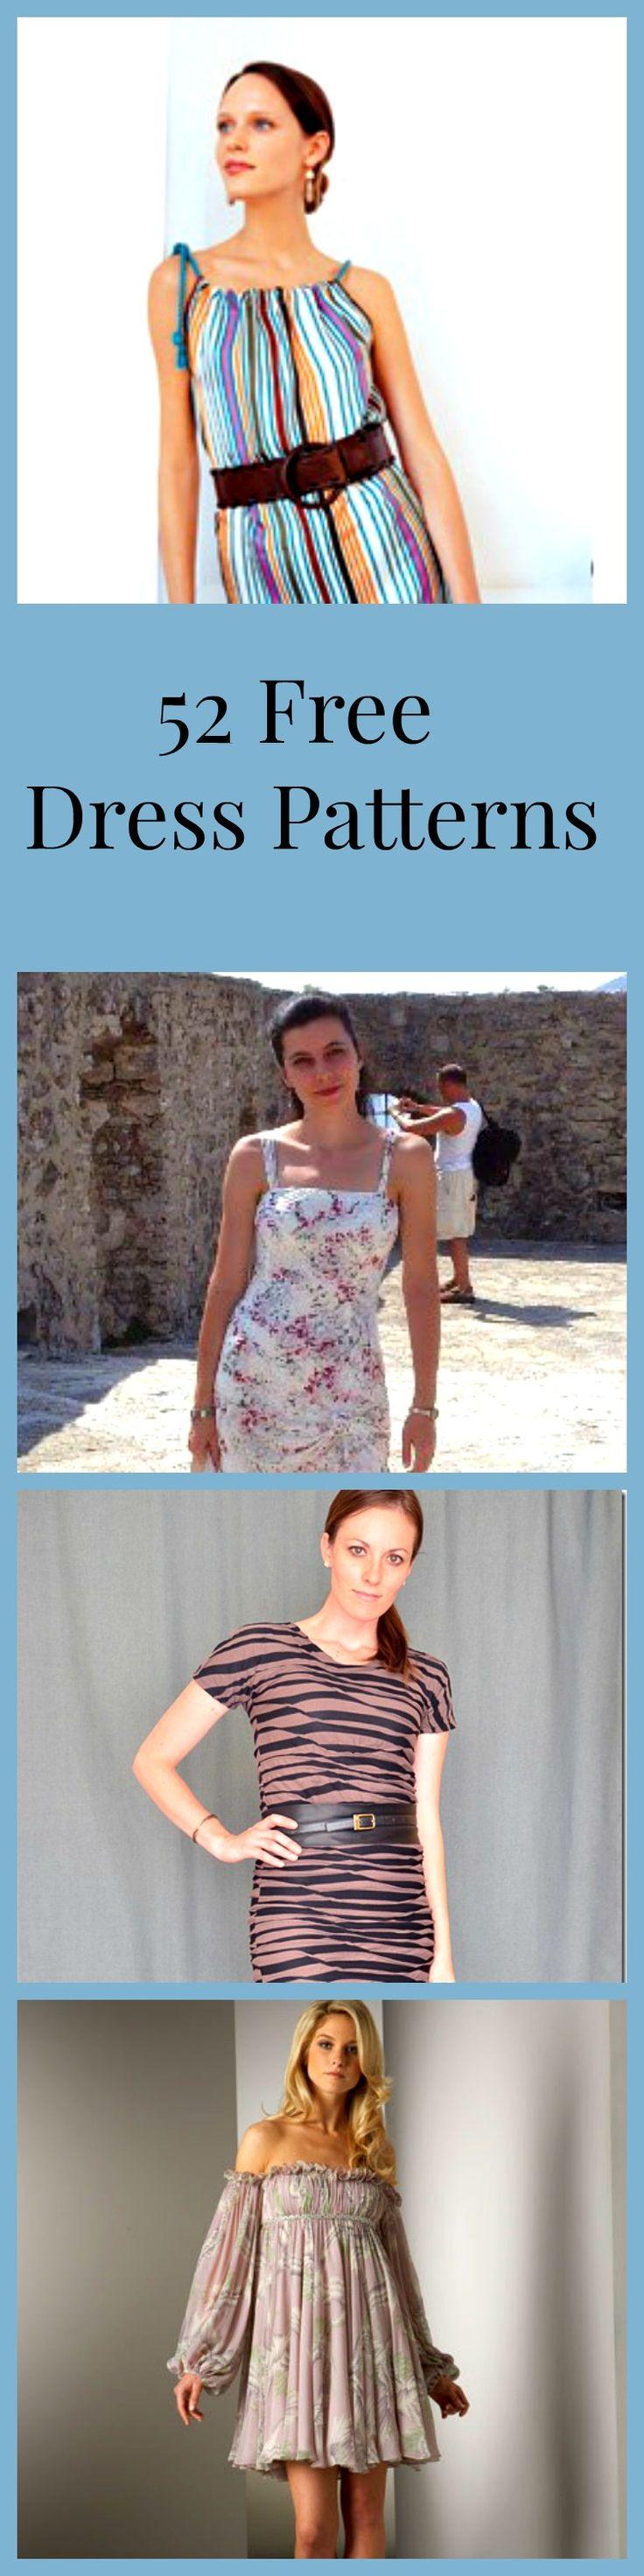 52 Free Dress Patterns